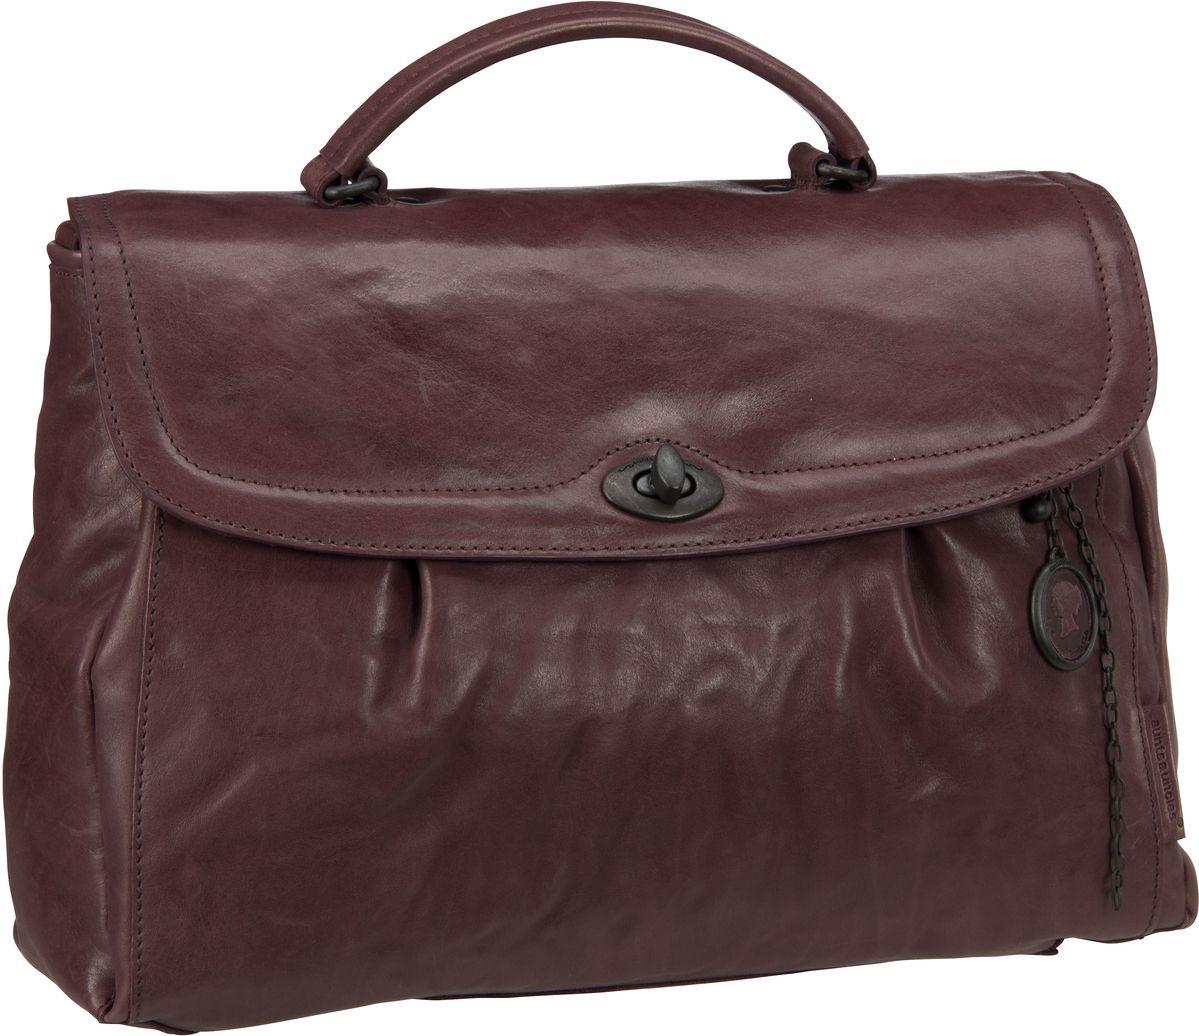 Businesstaschen für Frauen - aunts uncles Aktentasche Mrs. Velvet Pie Grape Shake  - Onlineshop Taschenkaufhaus